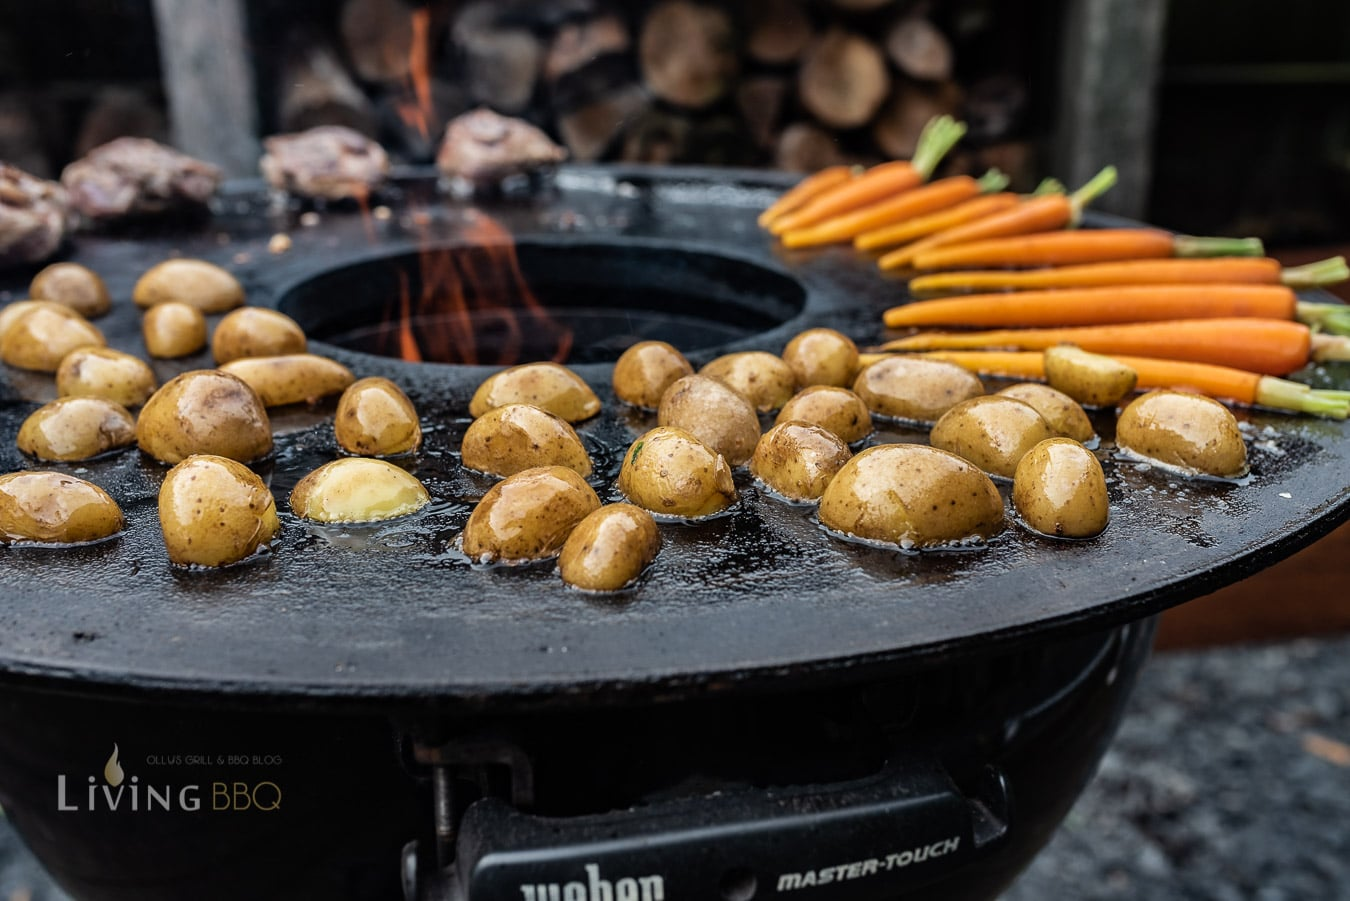 Kartoffeln und Möhren auf der Feuerplatte